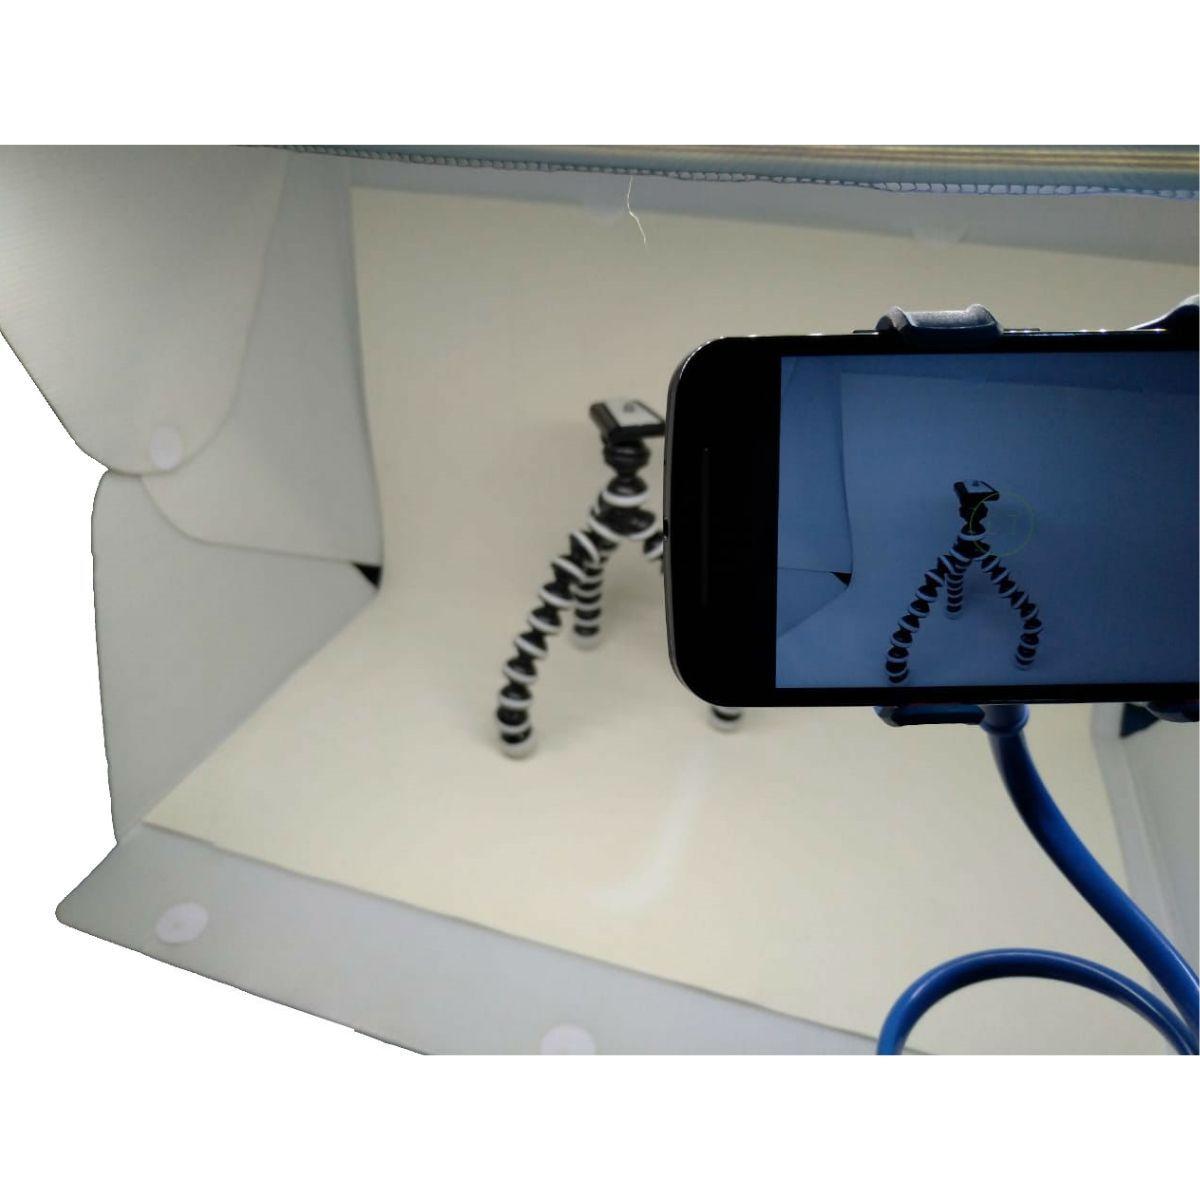 Kit Mini Estúdio De 56 Leds Evobox 60cm Plus + Tripé Gorila Flexível Suporta 1,5kg + Tripé Articulado Para Celular Pescoço